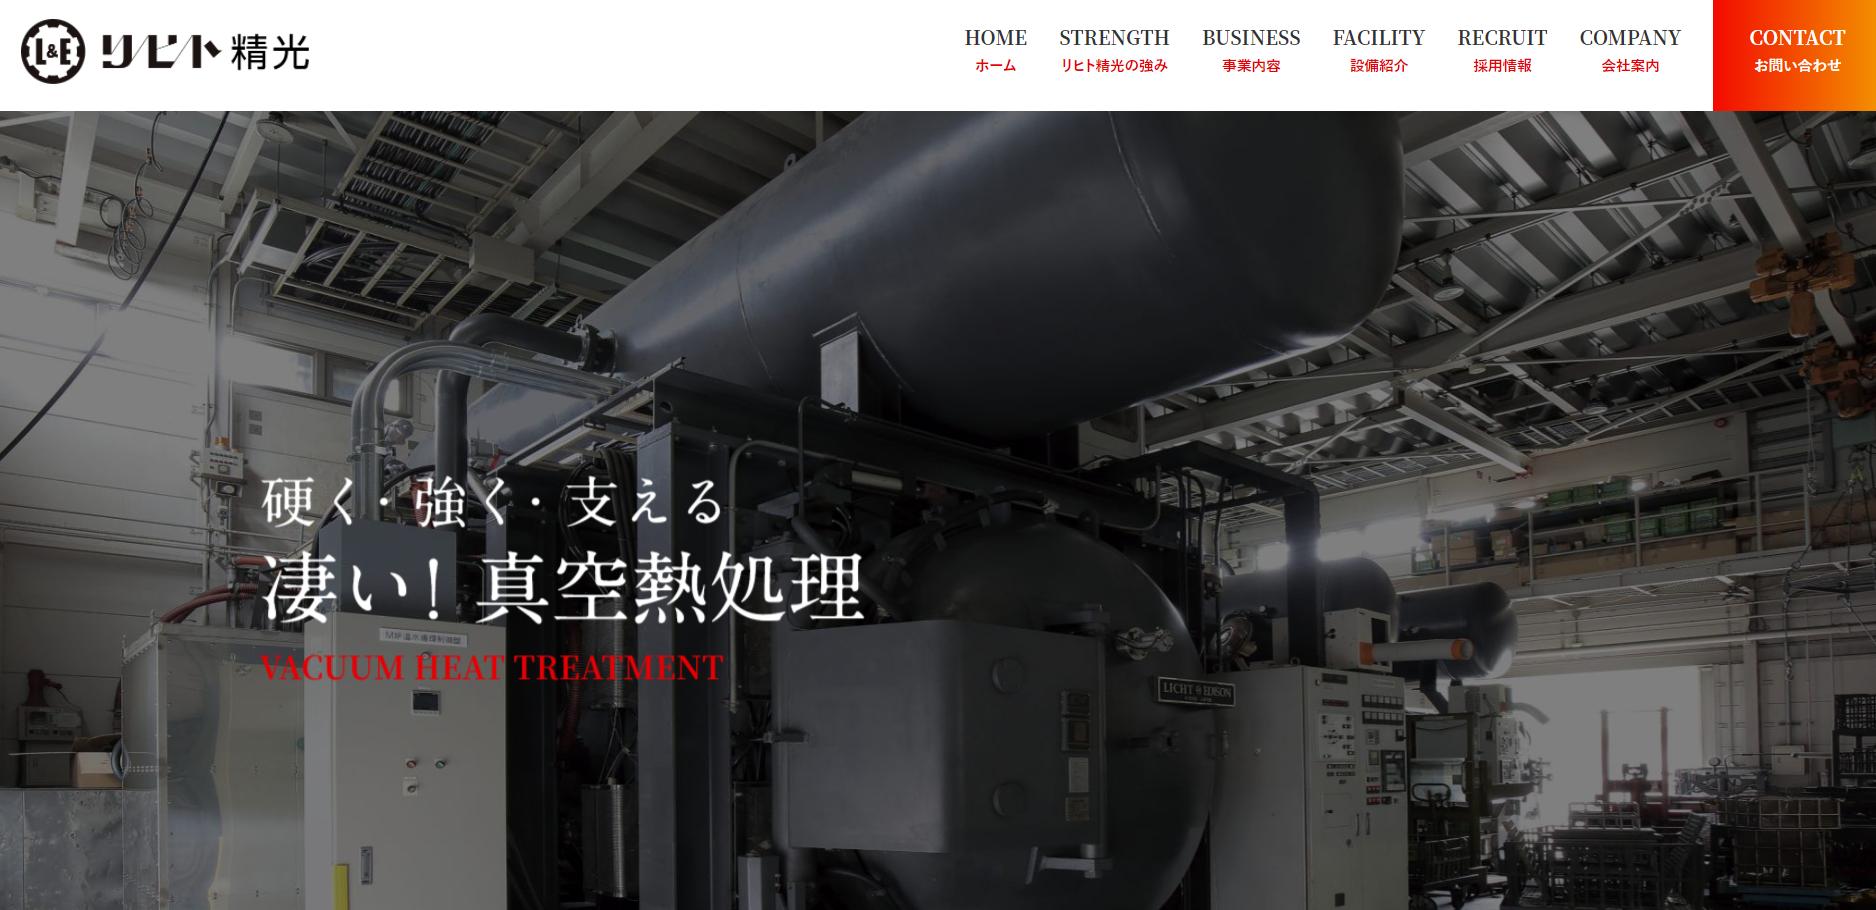 リヒト精光株式会社 ホームページ キャプチャ画像